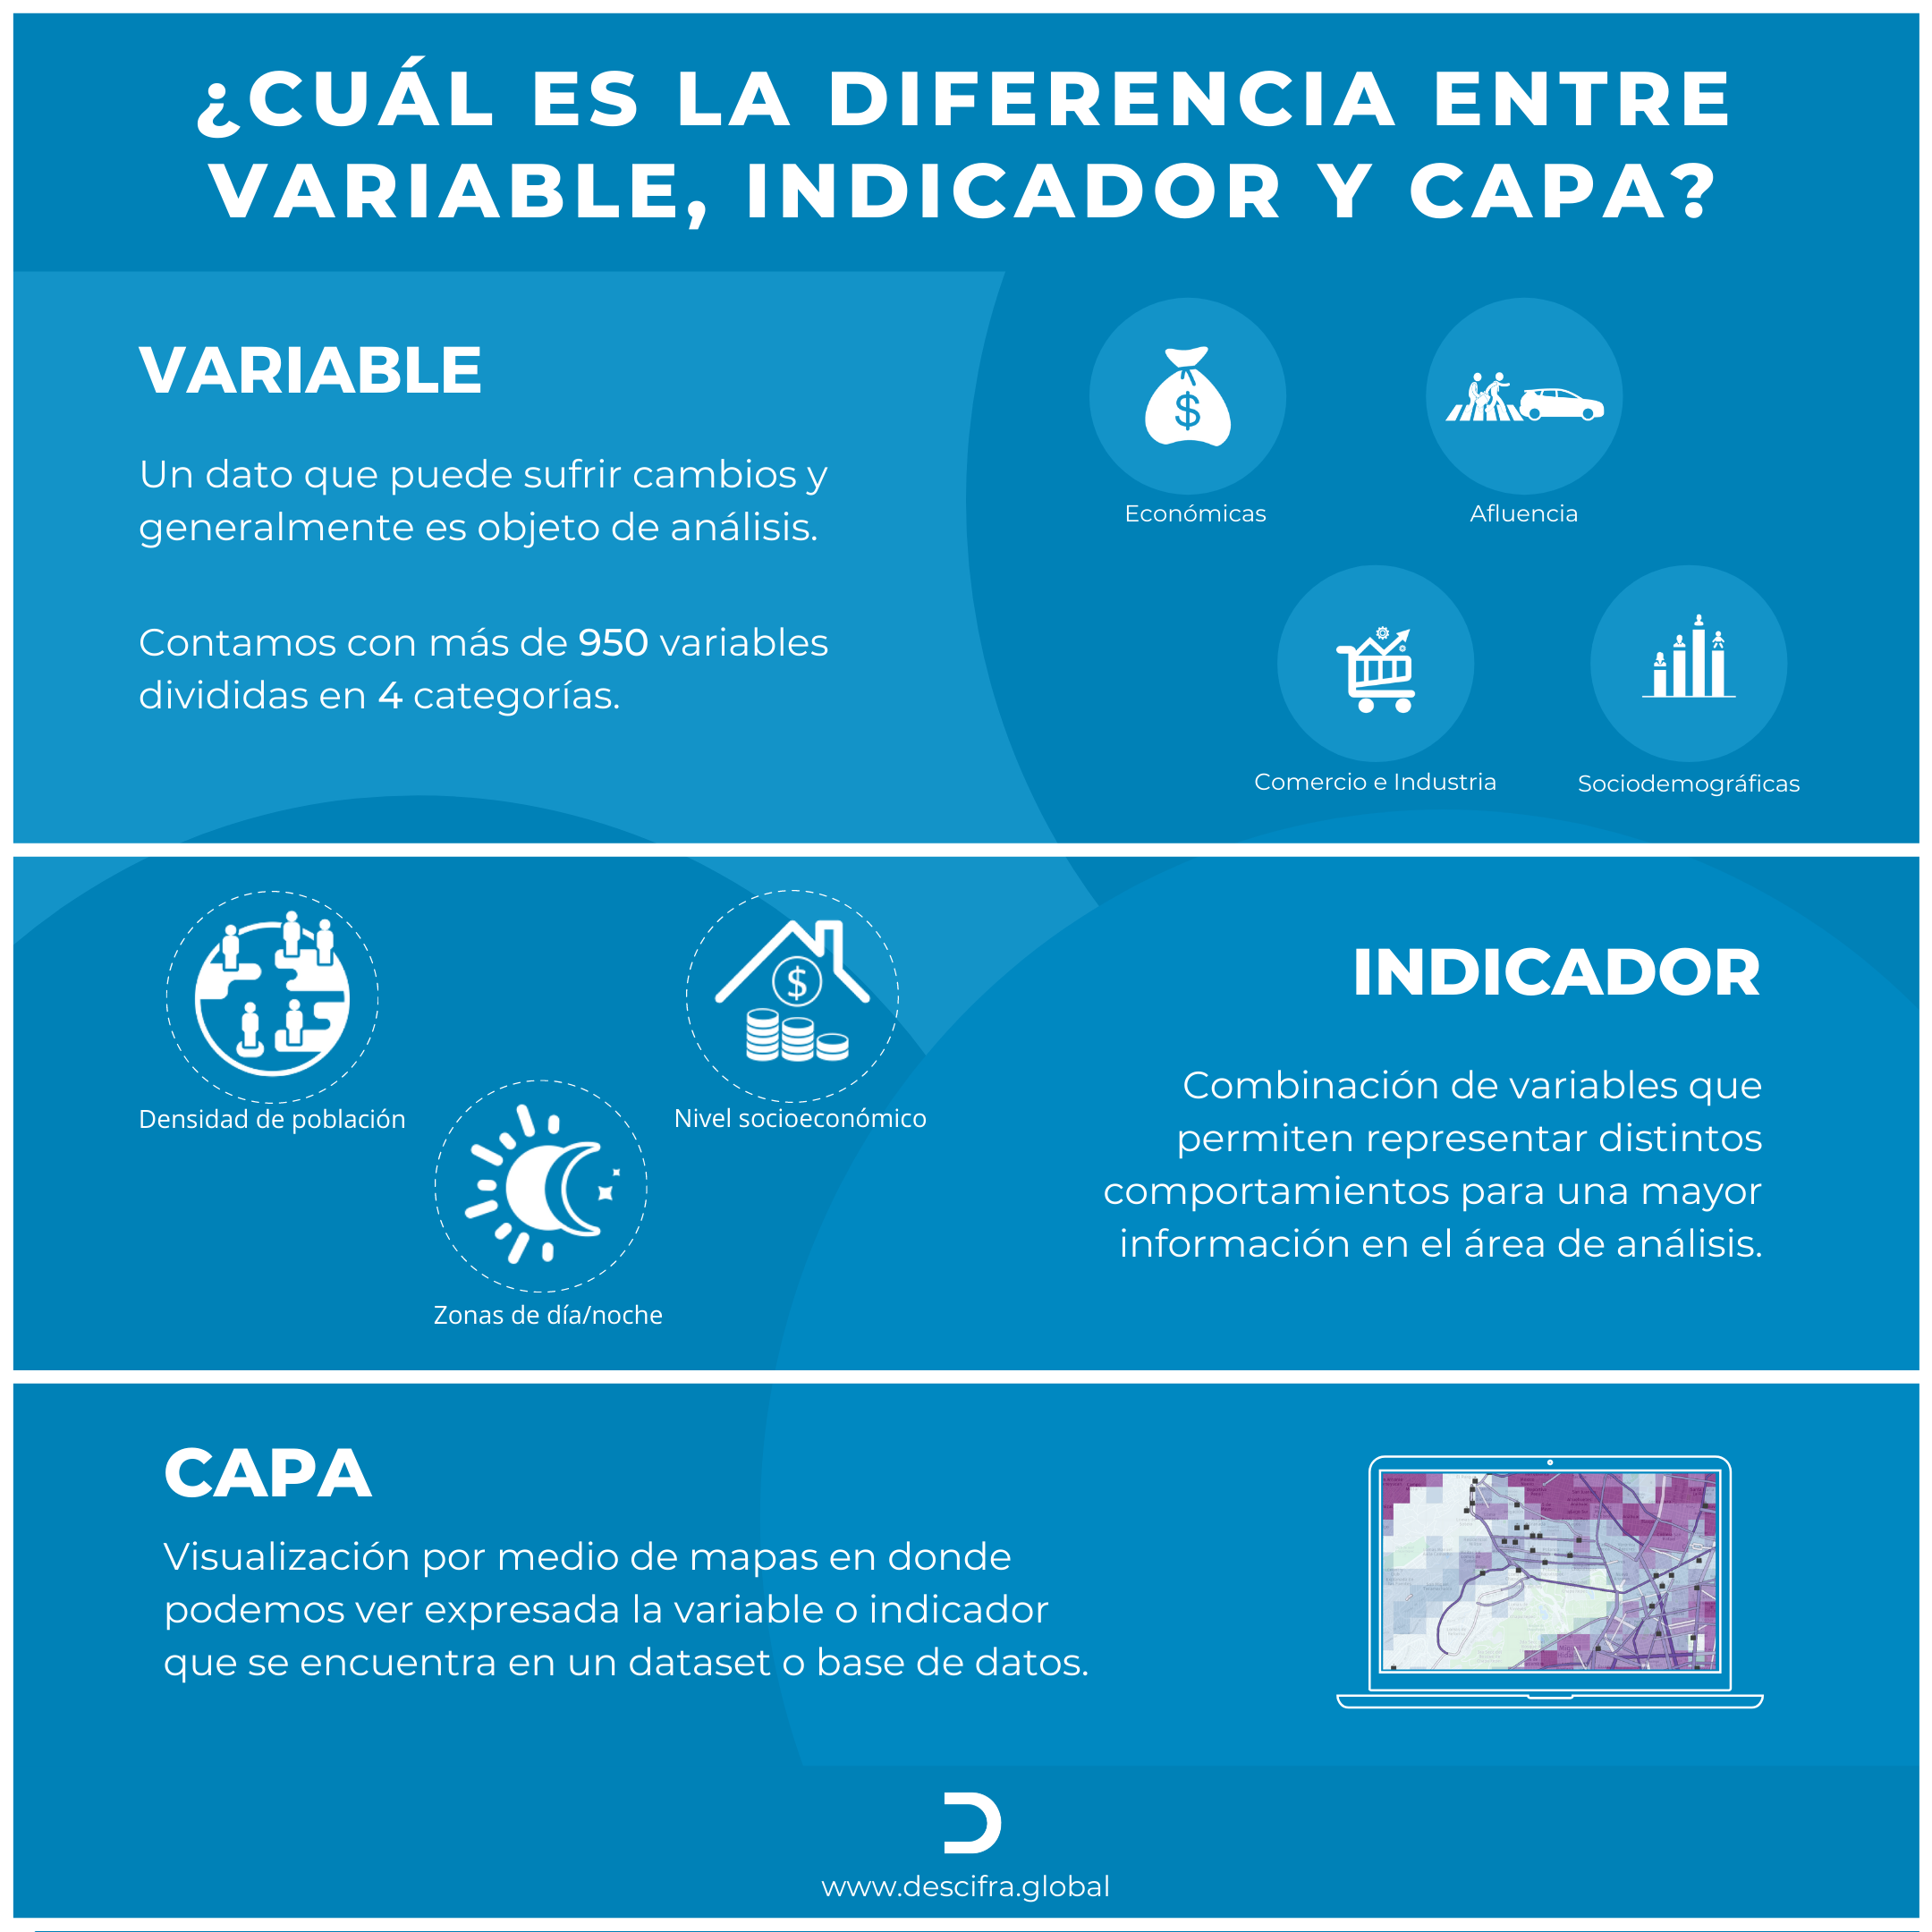 Diferencia entre variable, indicador y capa